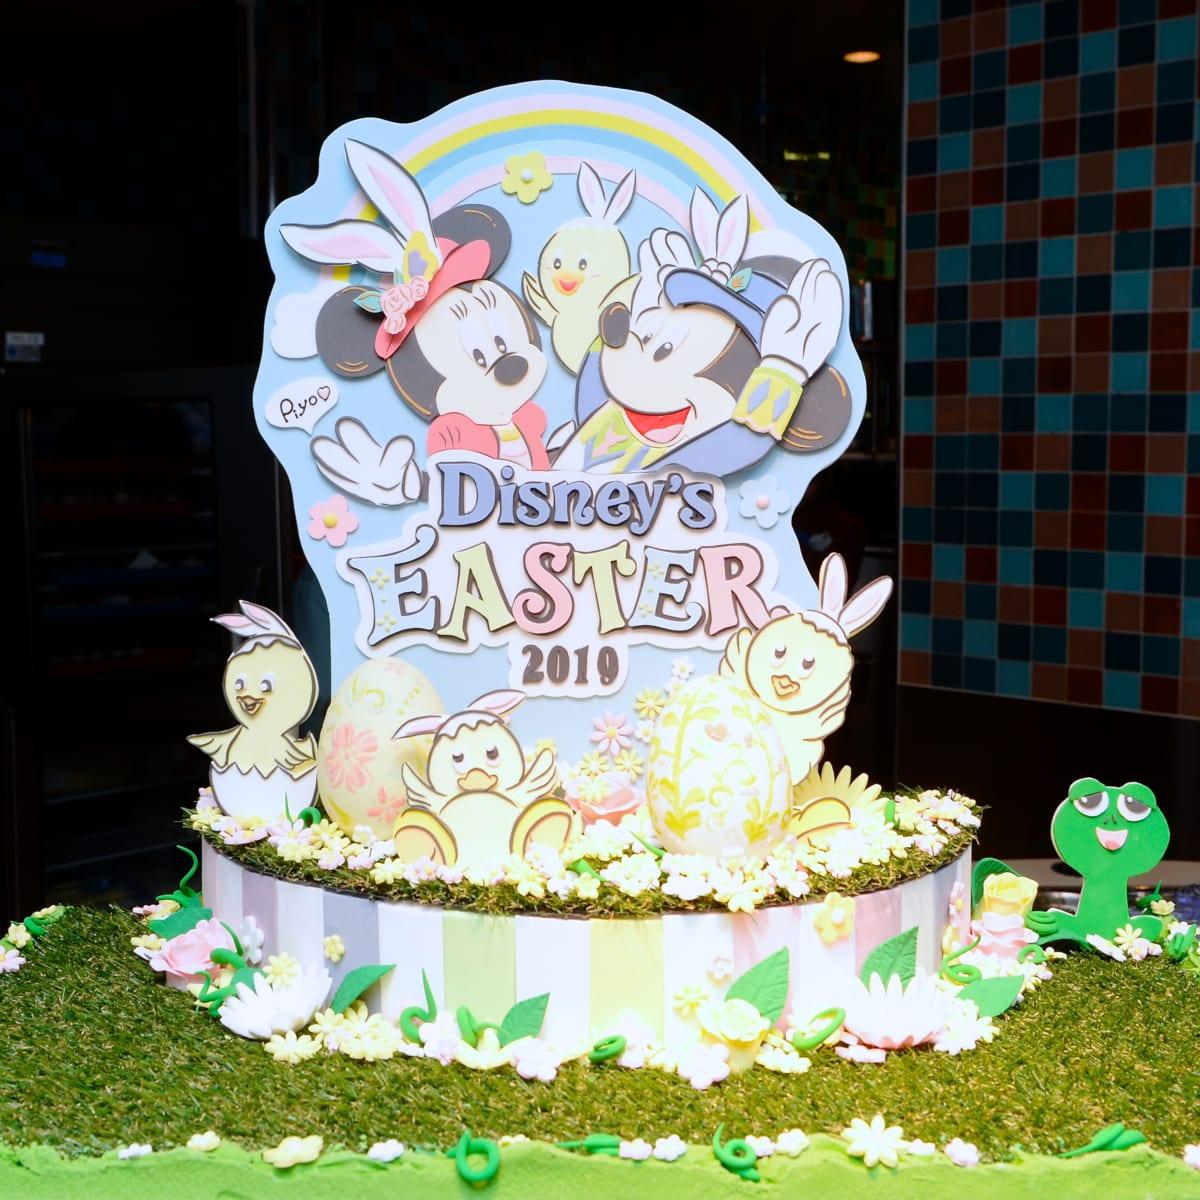 東京ディズニーシー・ホテルミラコスタ オチェーアノ ディズニー・イースター2019 ブッフェ イメージ